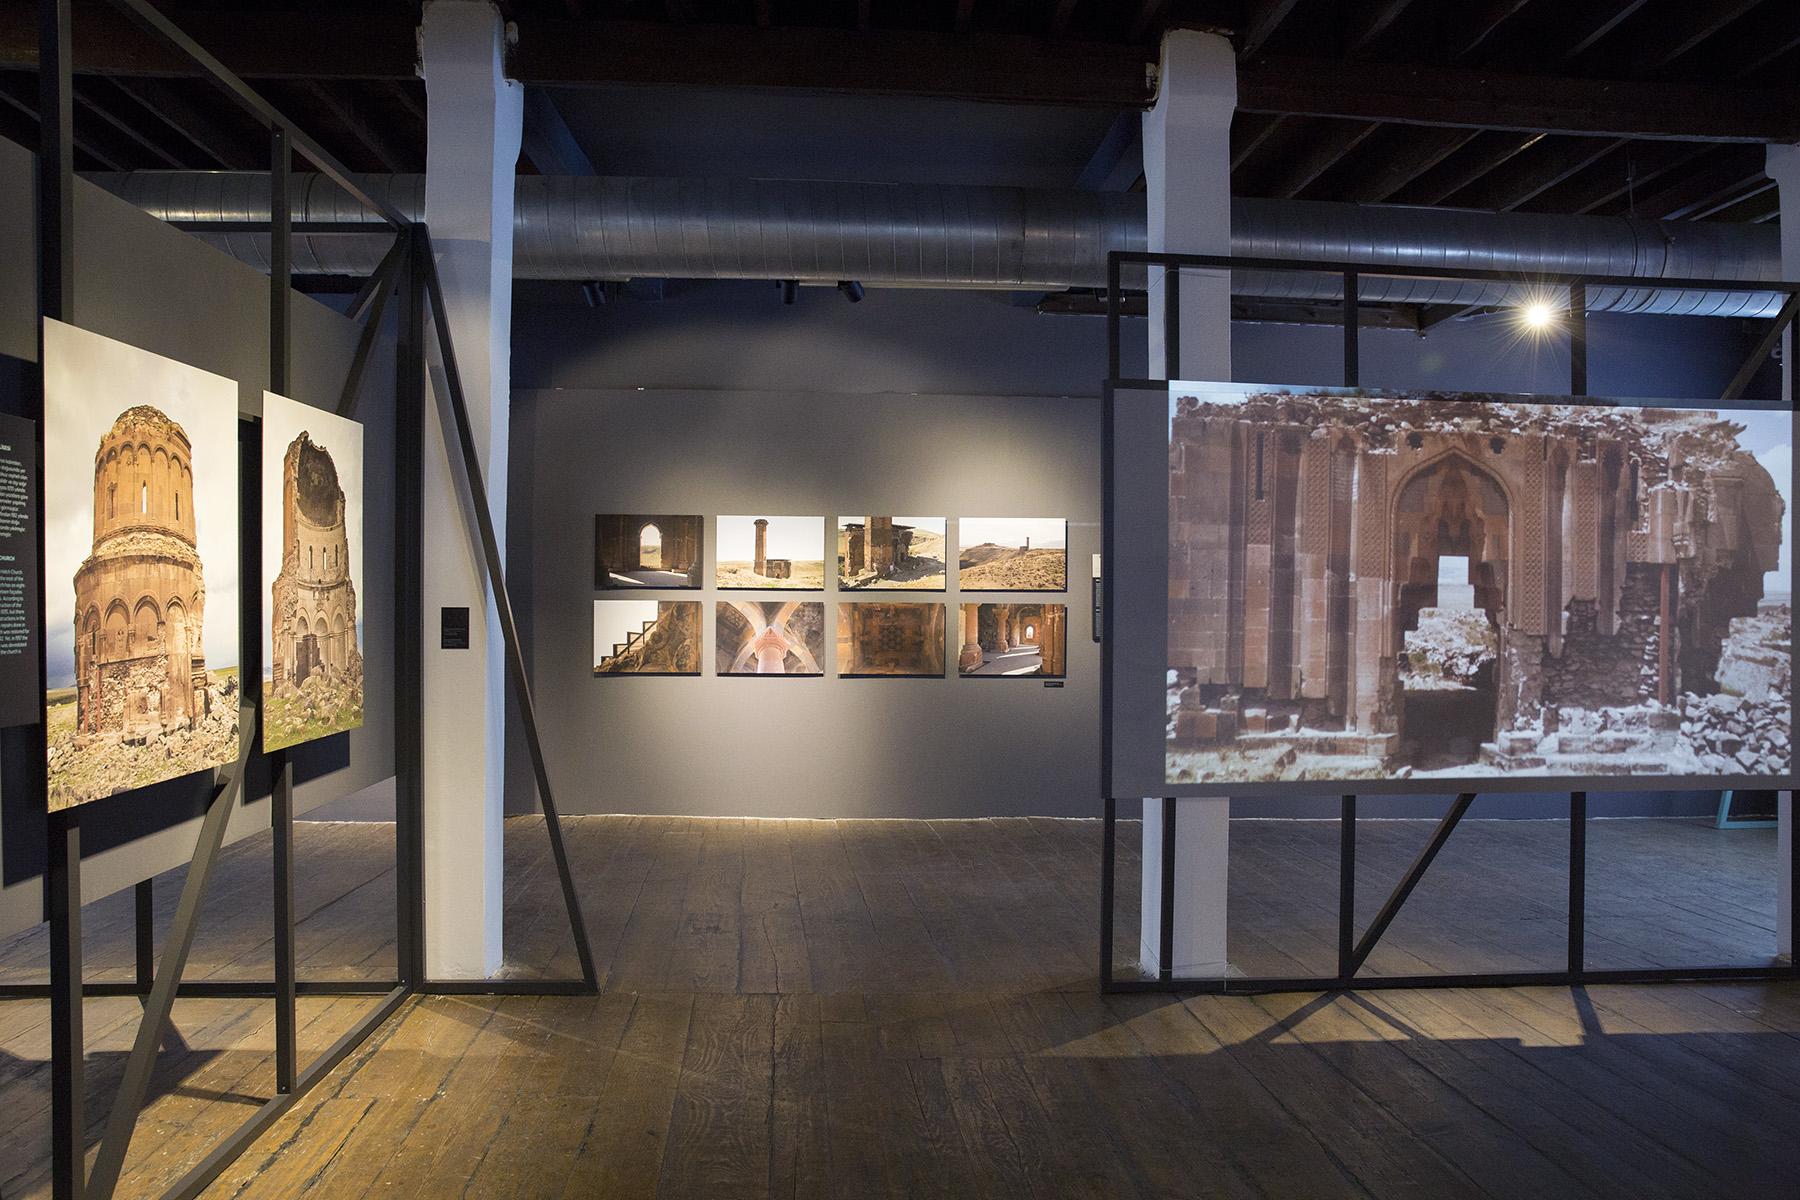 poetry-of-stones-exhibition-istanbul-2018-1.jpg